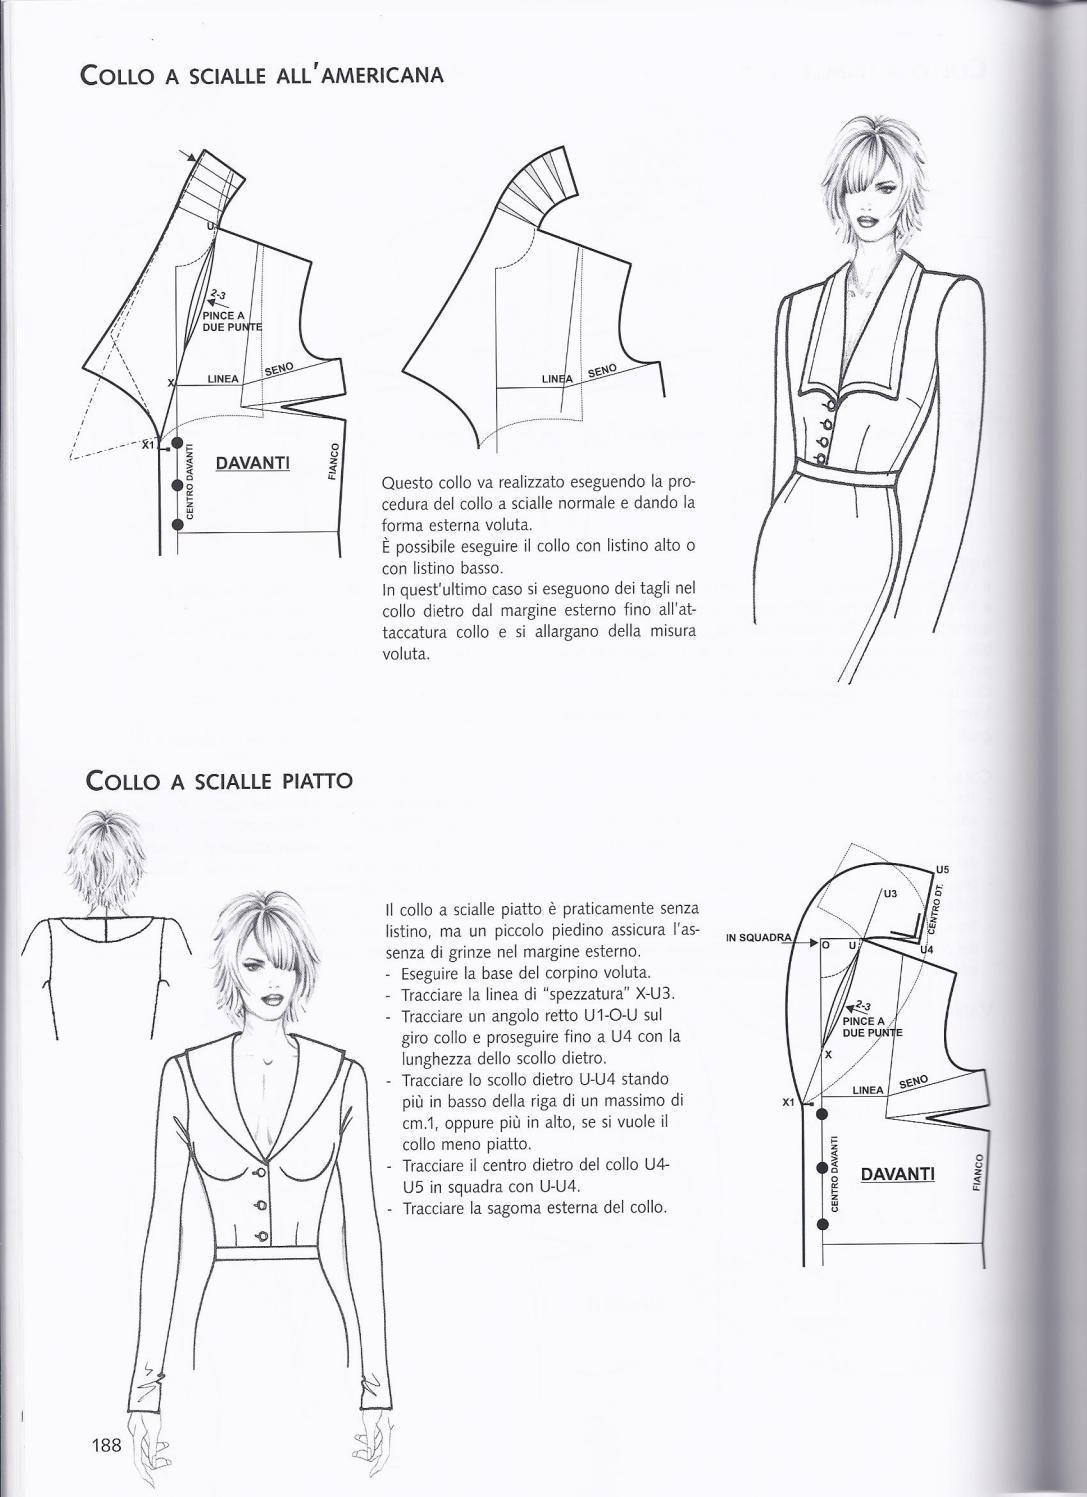 La tecnica dei modelli uomo donna 1 | Diseñadores | Pinterest ...